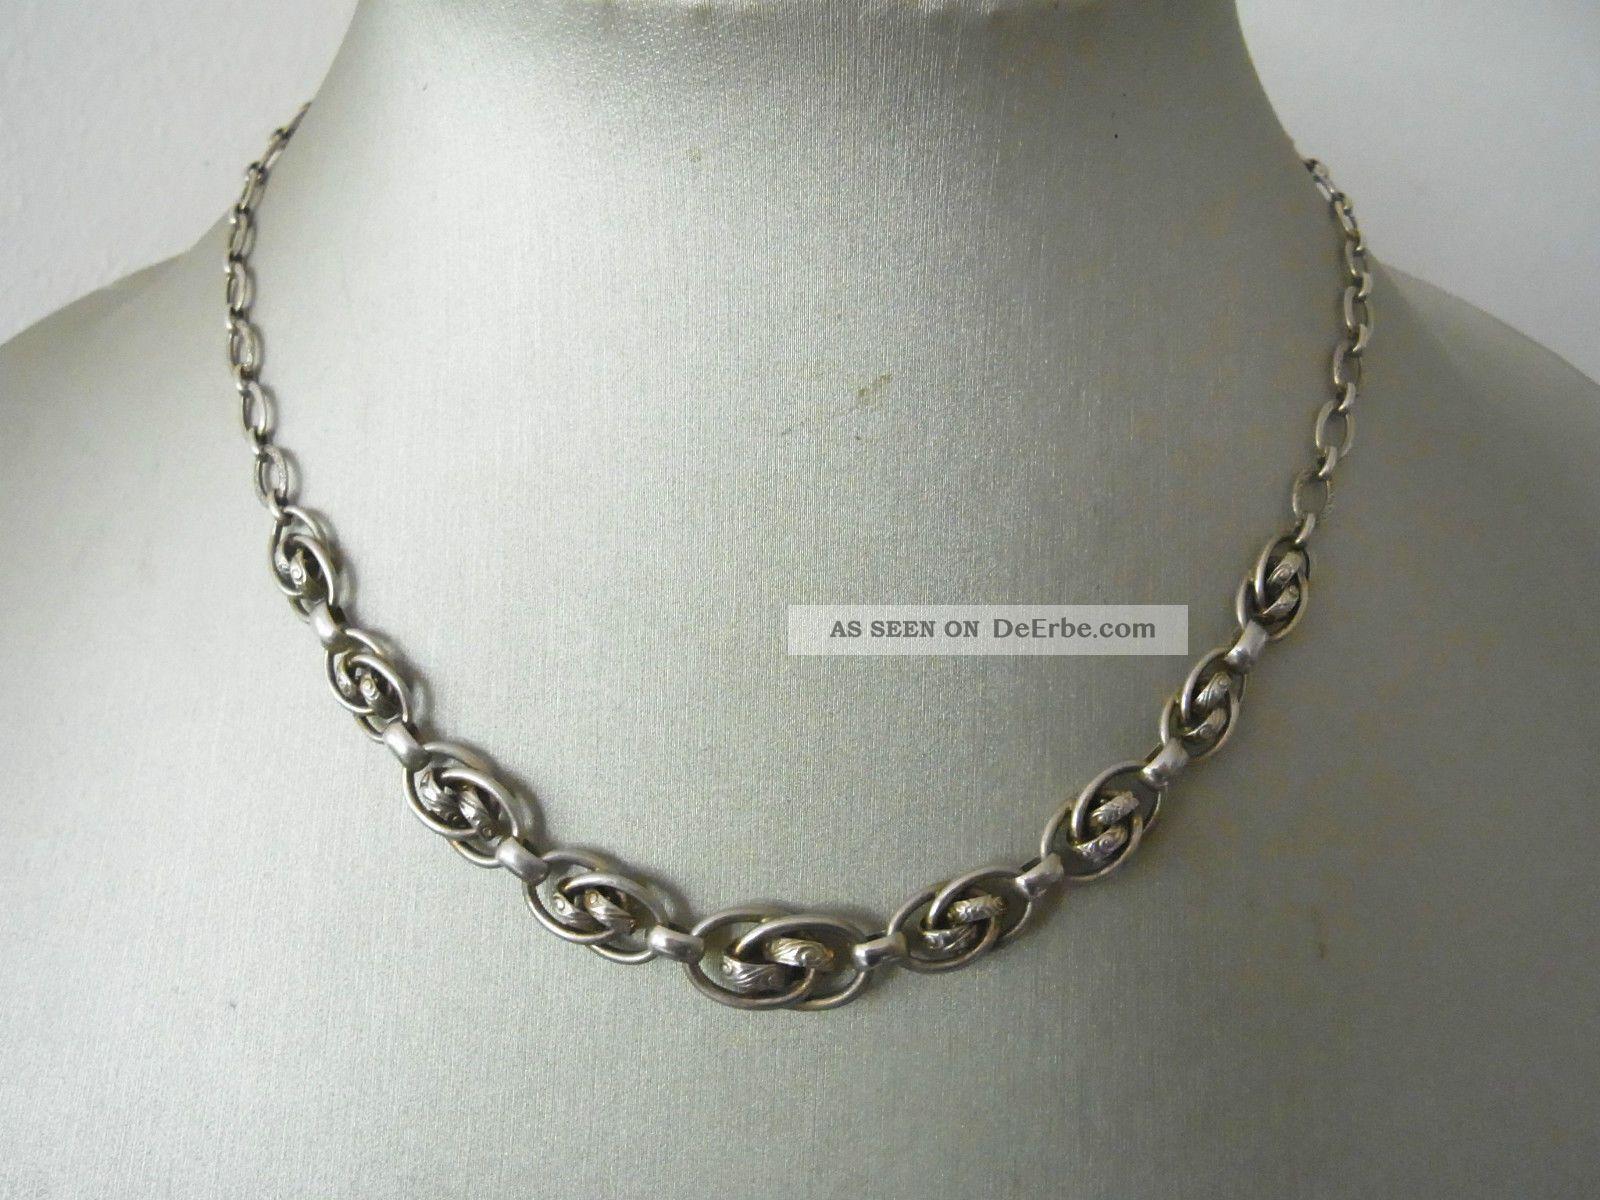 Zeittypisches Art Deco Collier Silber 835 Schmuck nach Epochen Bild